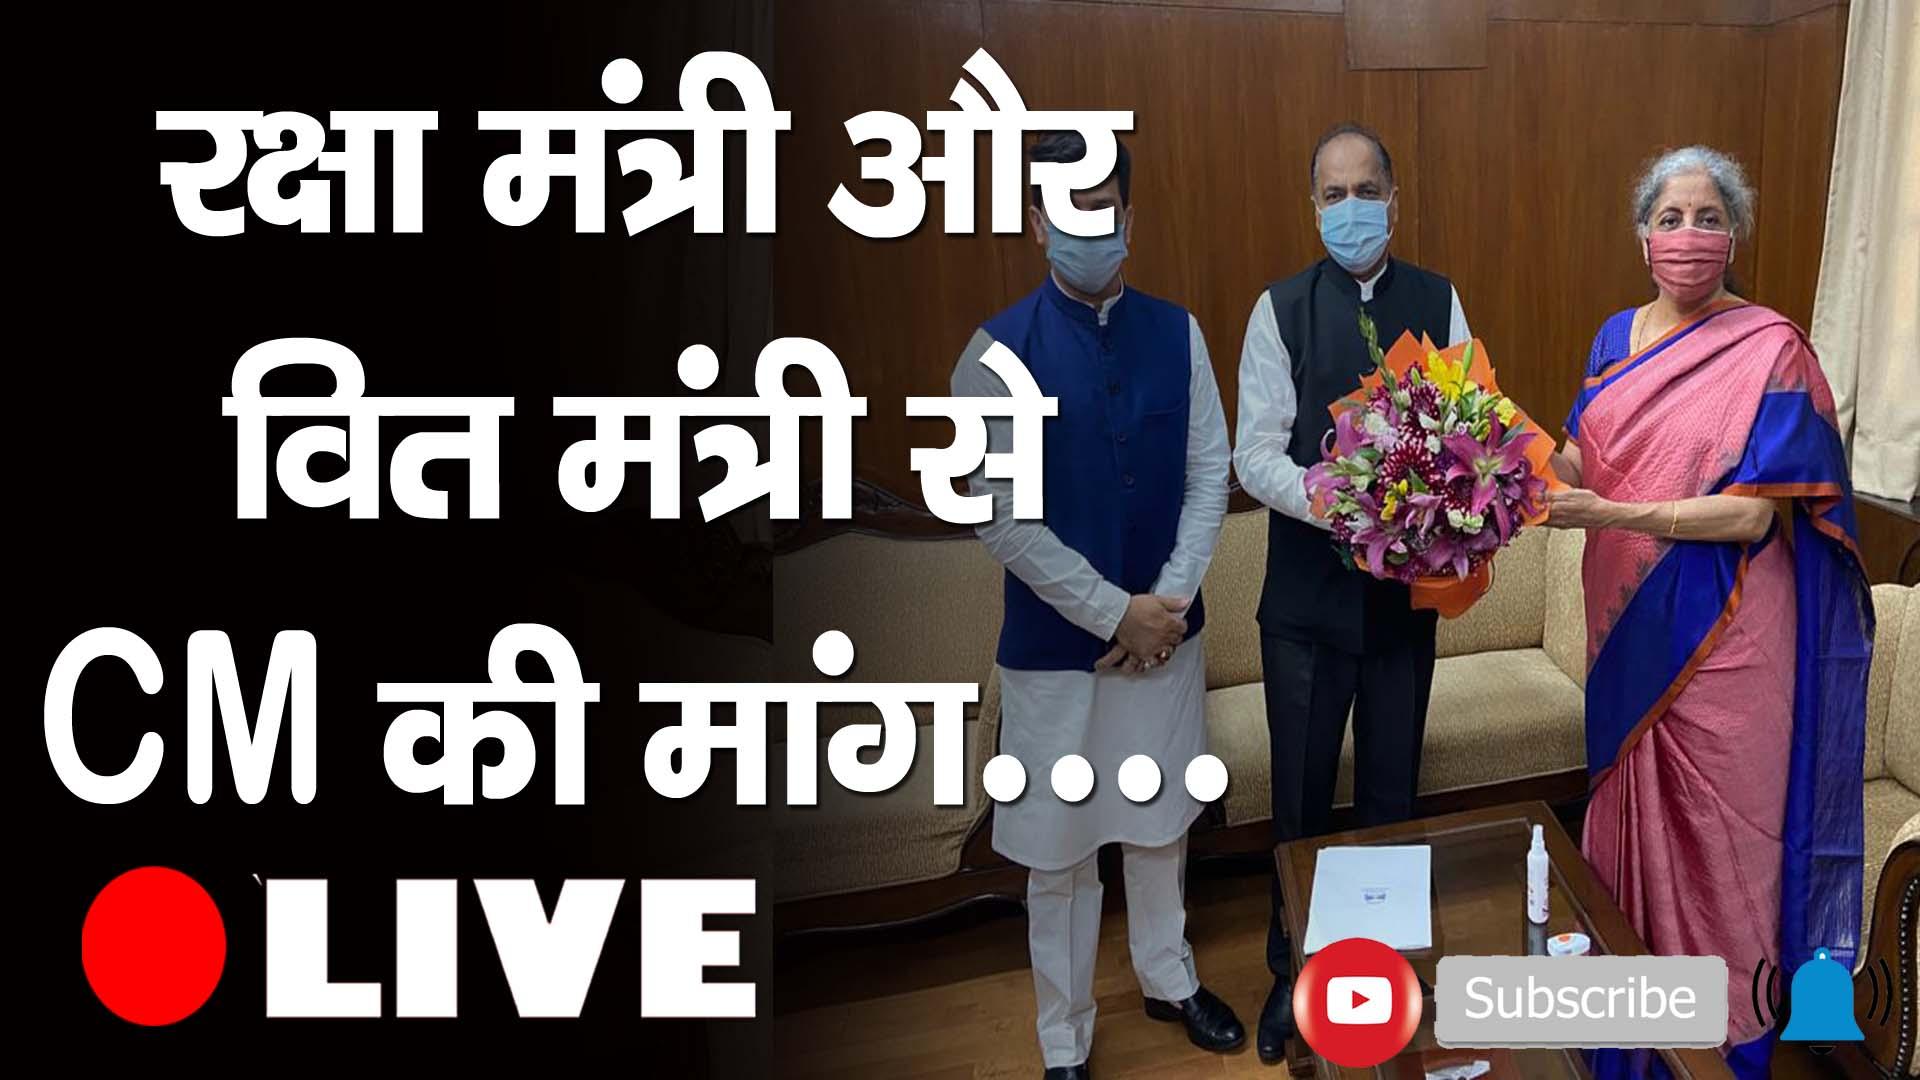 रक्षा मंत्री और वित मंत्री से CM की मांग….